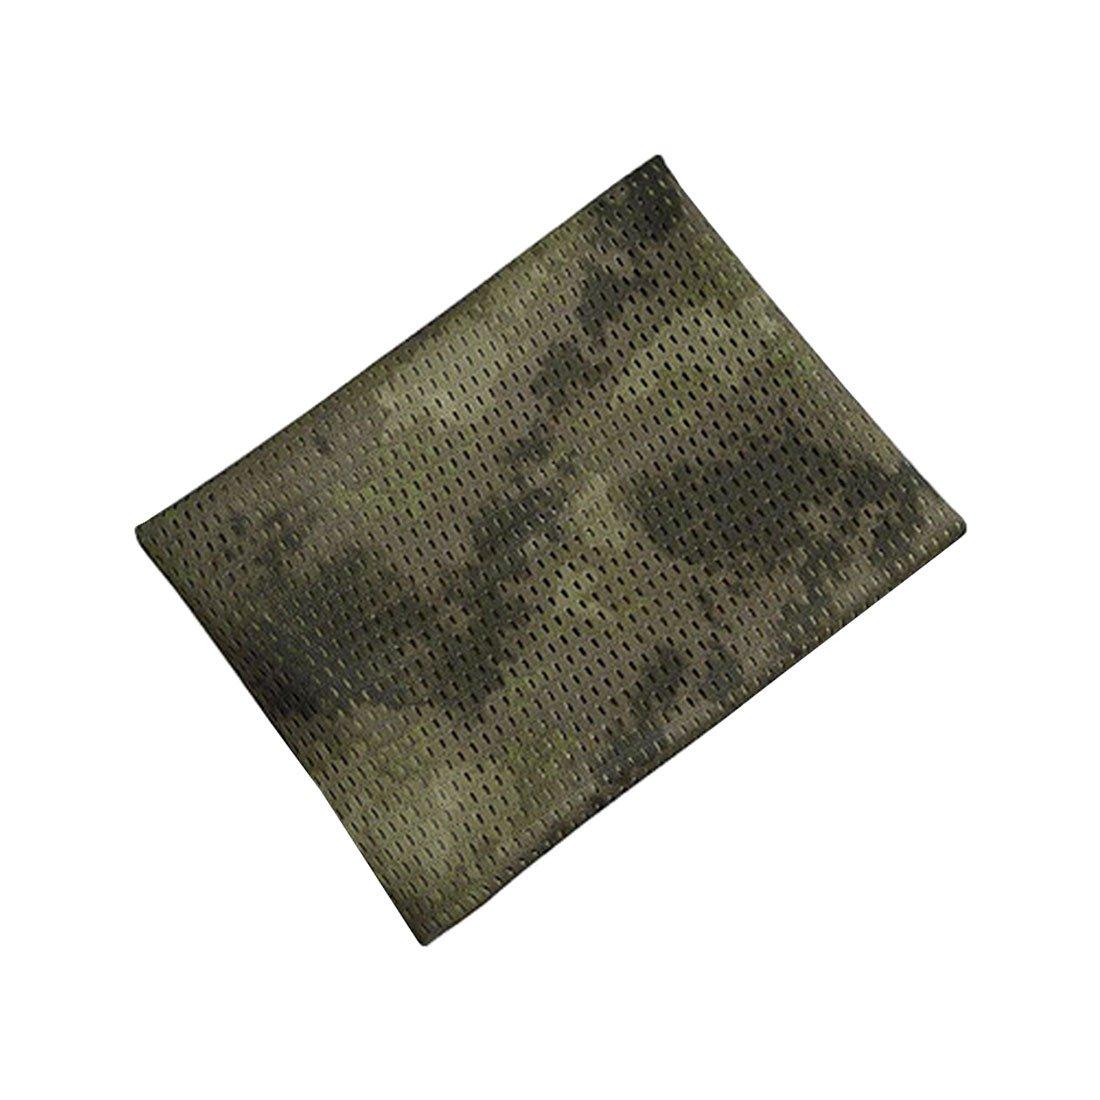 ,S/úper Absorbente para Deportes Yoga Grey L 152x 78 cm /& M 80 x 38 cm /& S 38 x 38 cm VACNITE 3 Paquete Toalla Microfibra Secado R/ápido